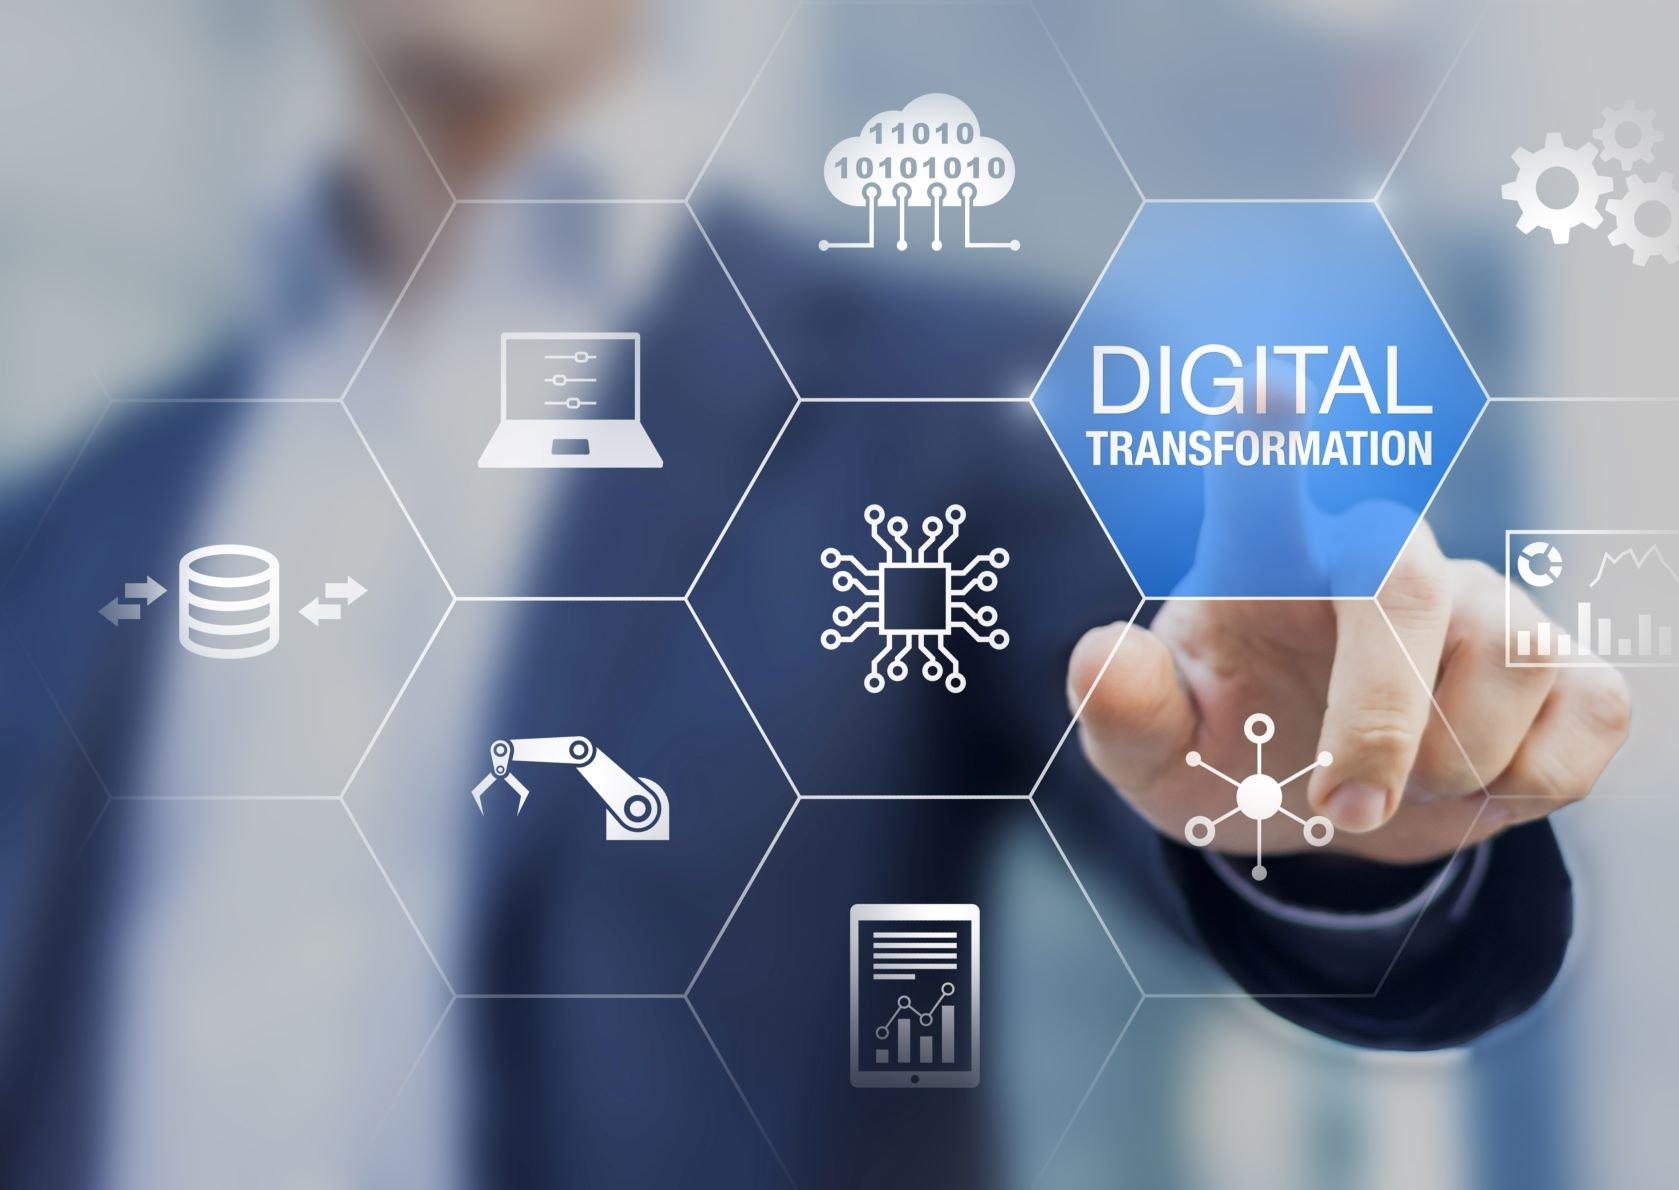 Digital transformation small